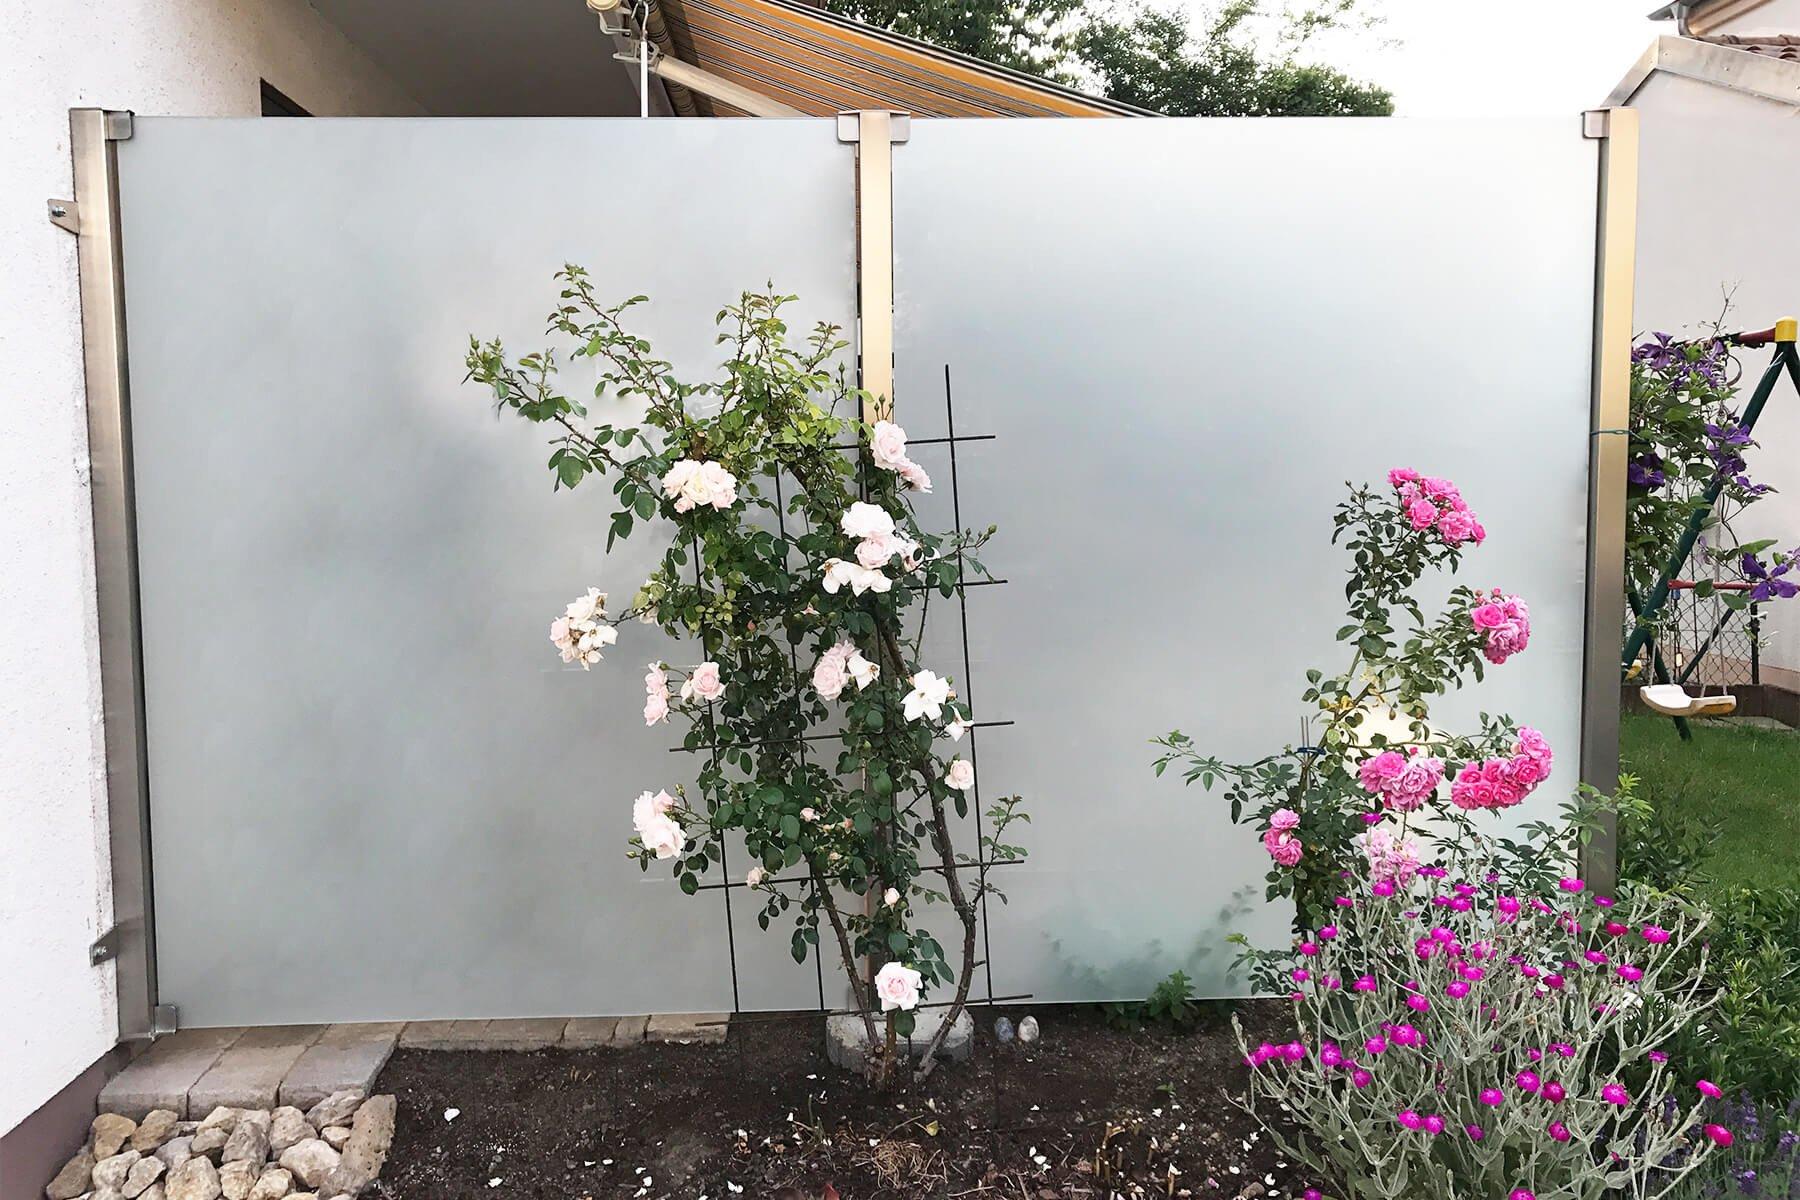 glaszaun-aundo-aus-satiniertem-glas- Optimale-loesung-fuer-privatsphaere-im-garten-oder-der-terrasse